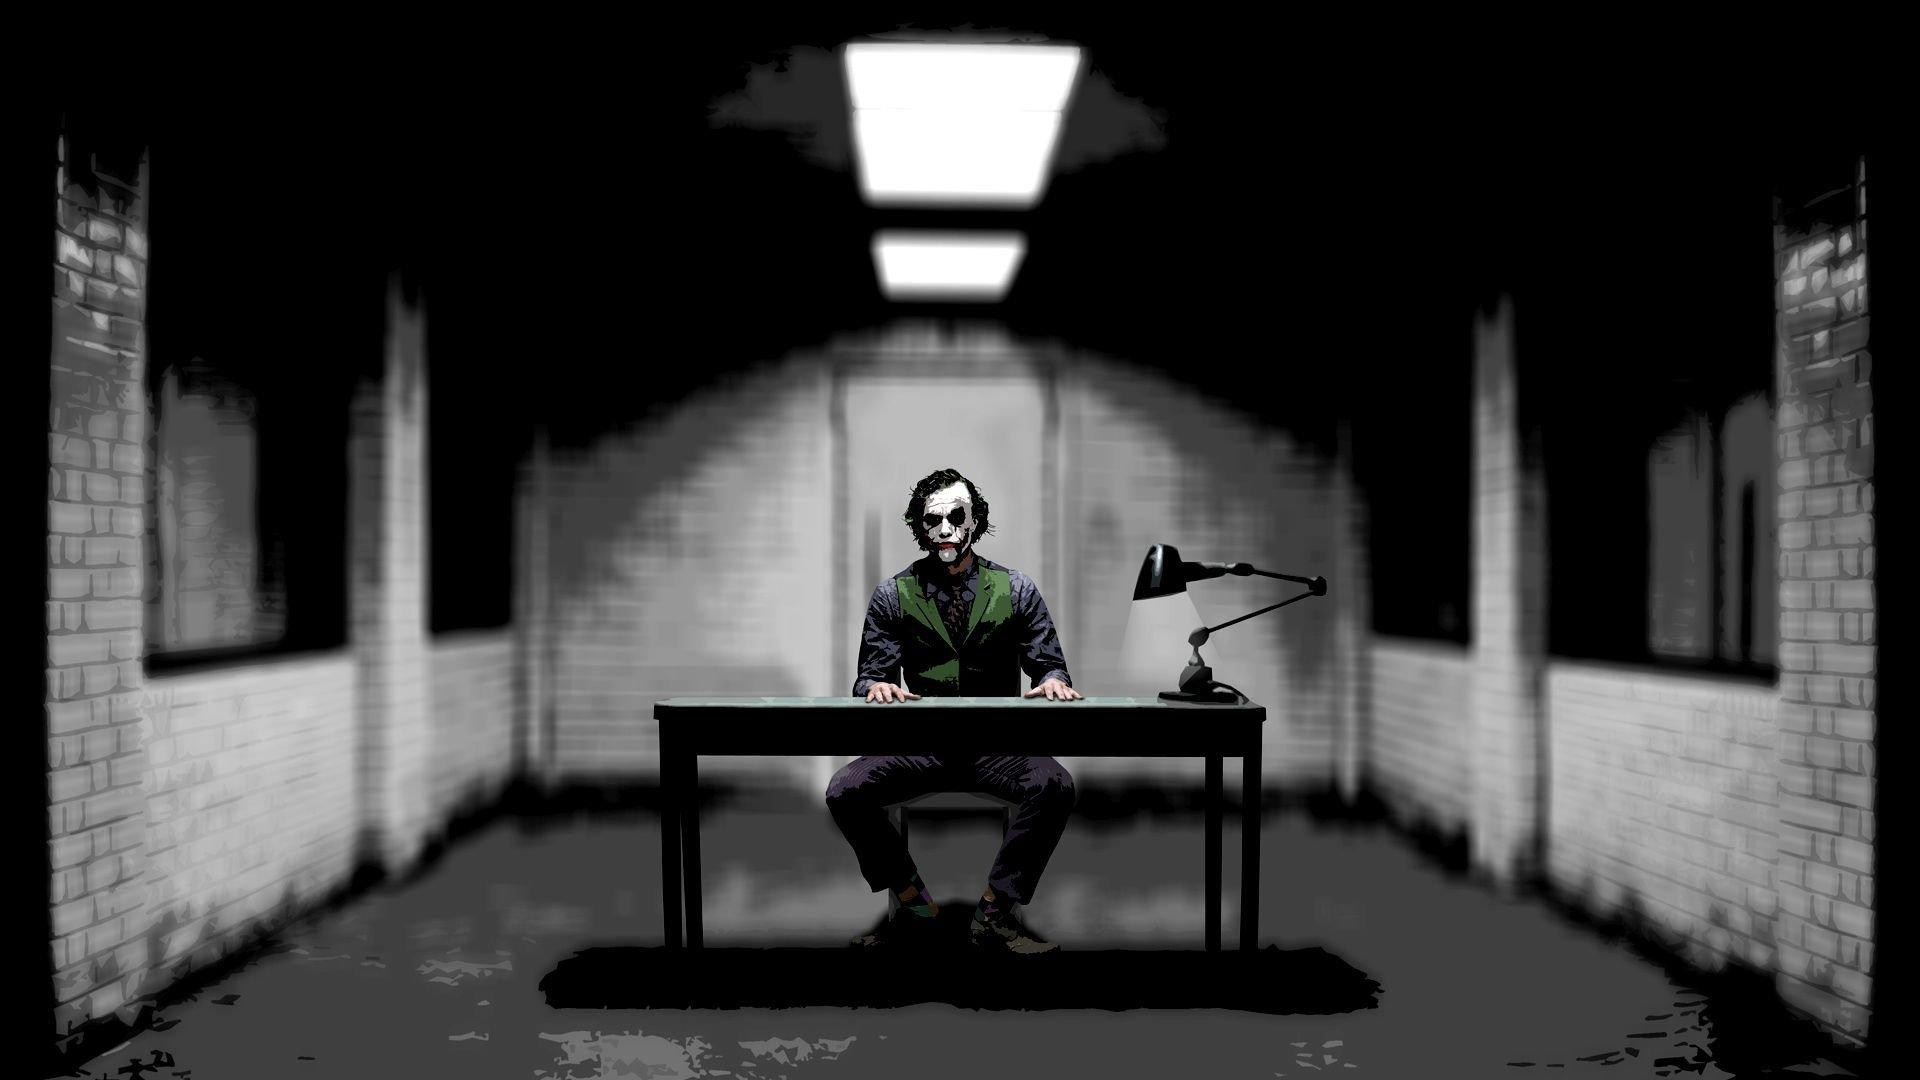 batman the joker batman the dark knight hd wallpaper 1920x1080